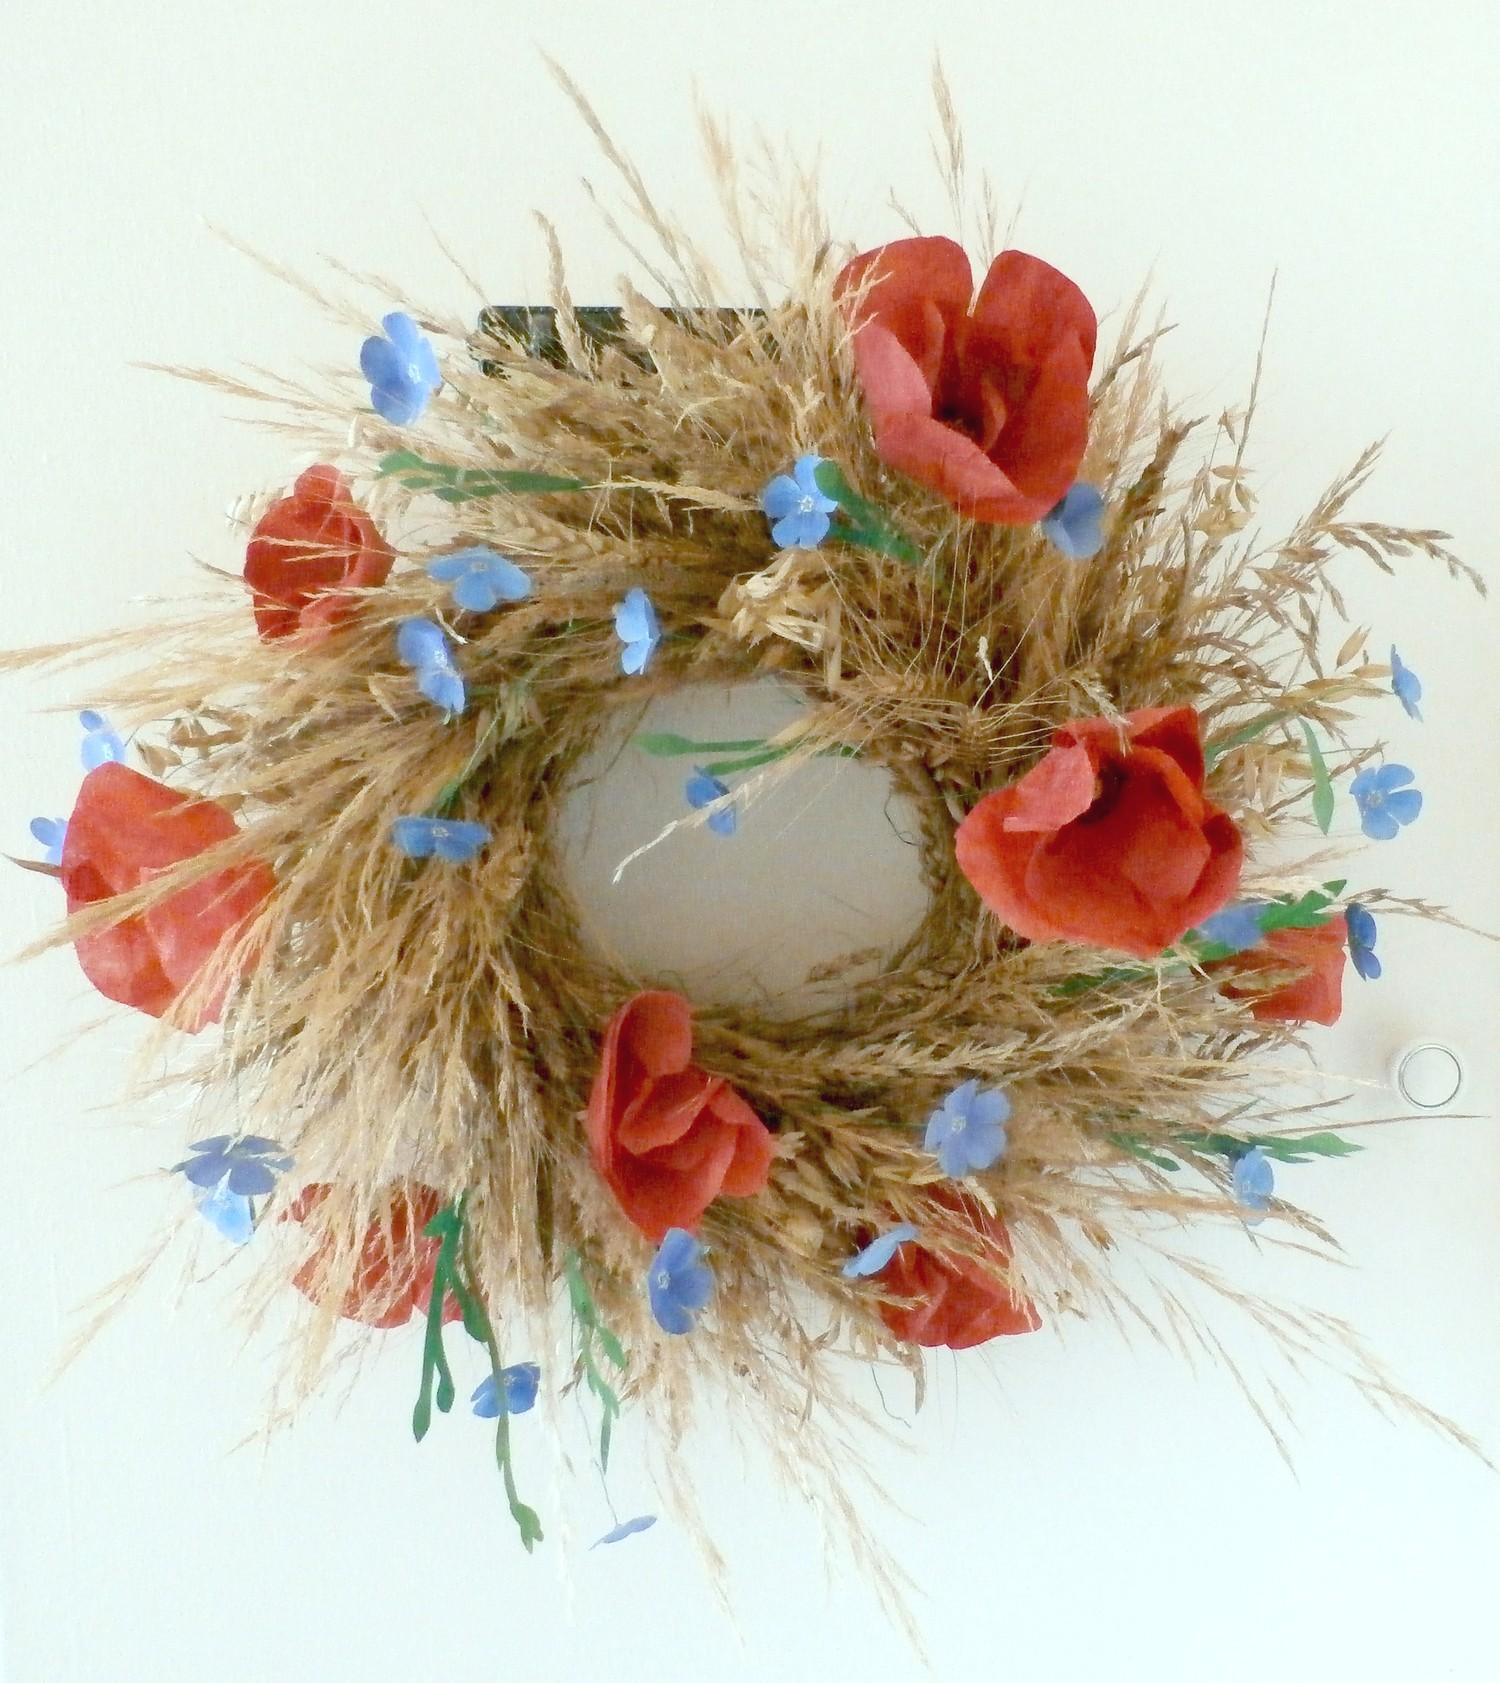 Neskorý jarný/skorý letný veniec. Kvety do neho som si vyrábala sama. Môžete si ho vyrobiť aj vy podľa návodu tu.